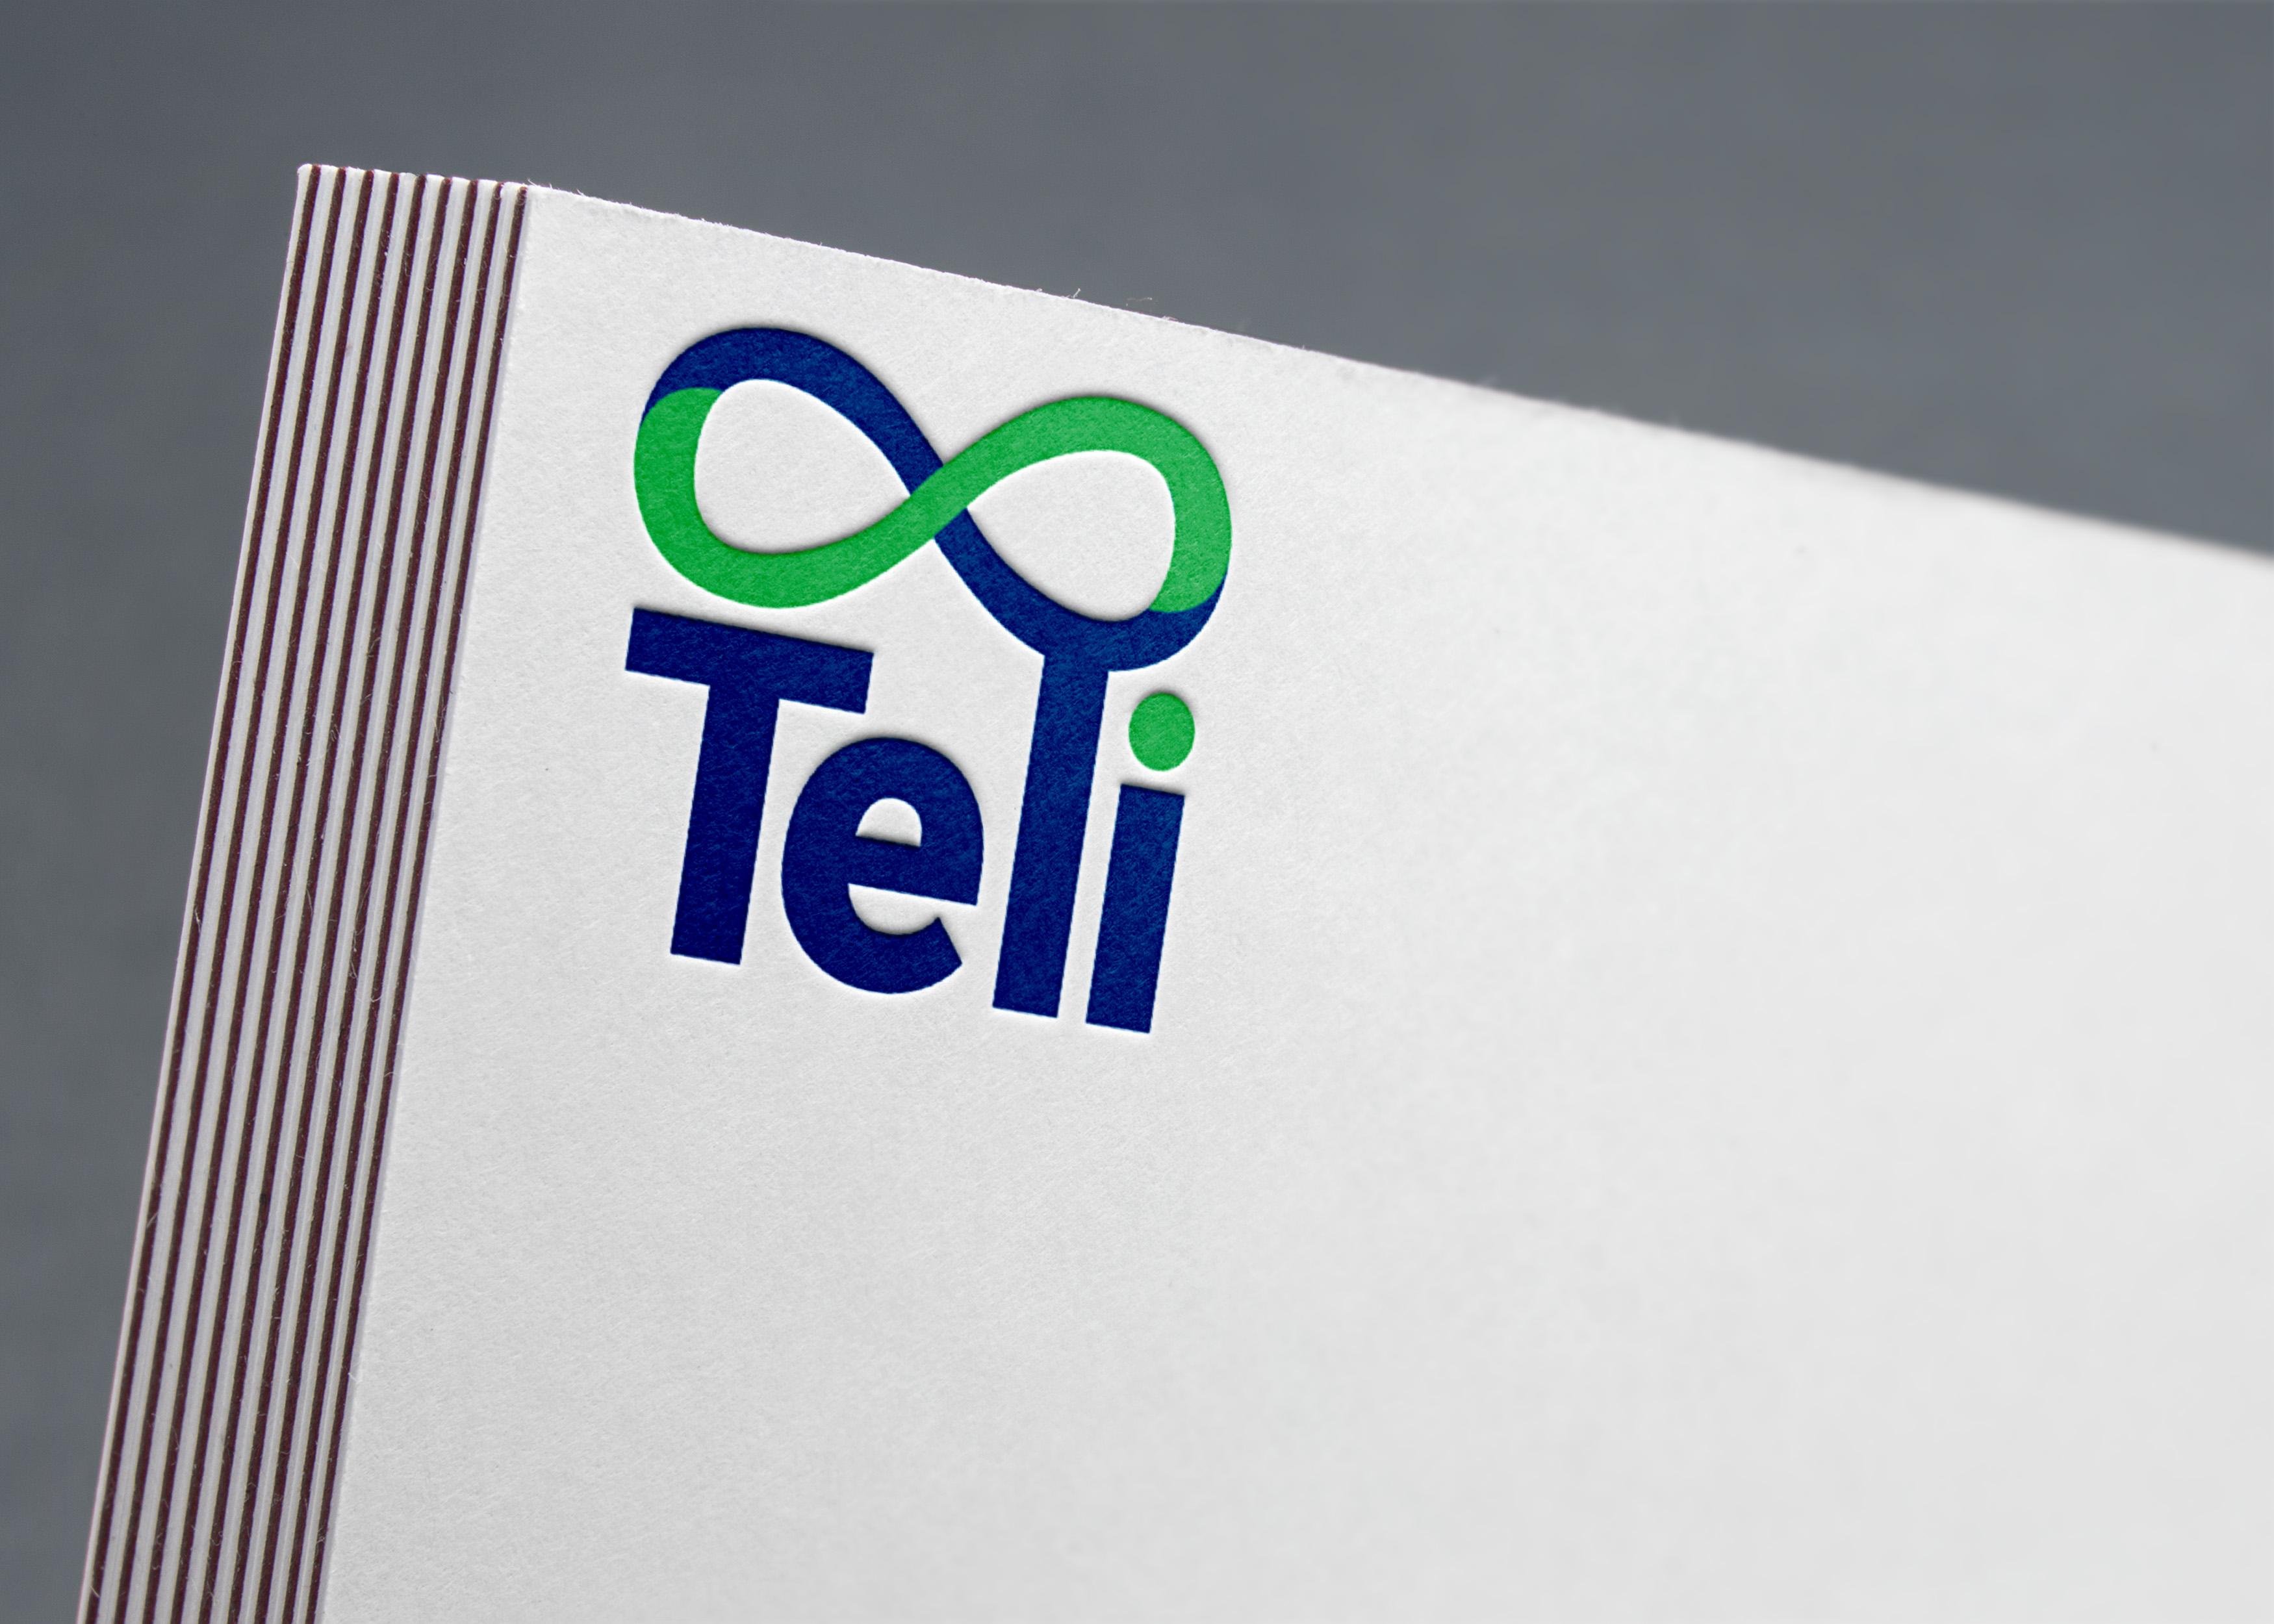 Разработка логотипа и фирменного стиля фото f_57958f9e5697a625.jpg